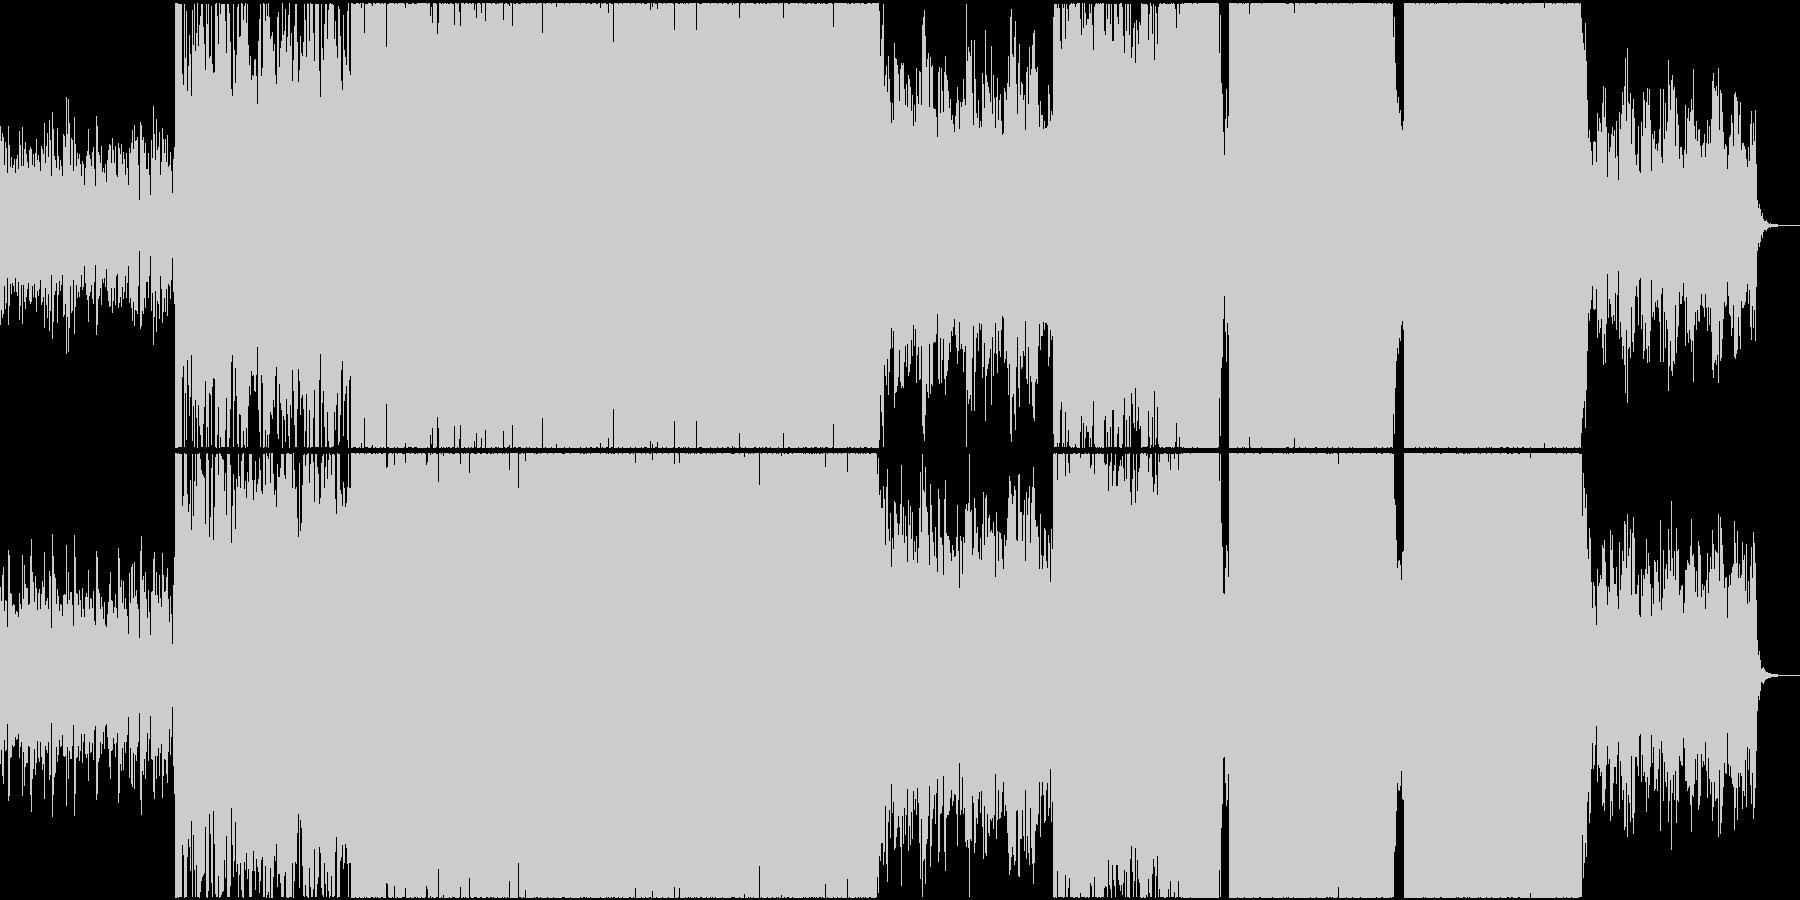 近未来のゲームや映画をイメージした曲の未再生の波形